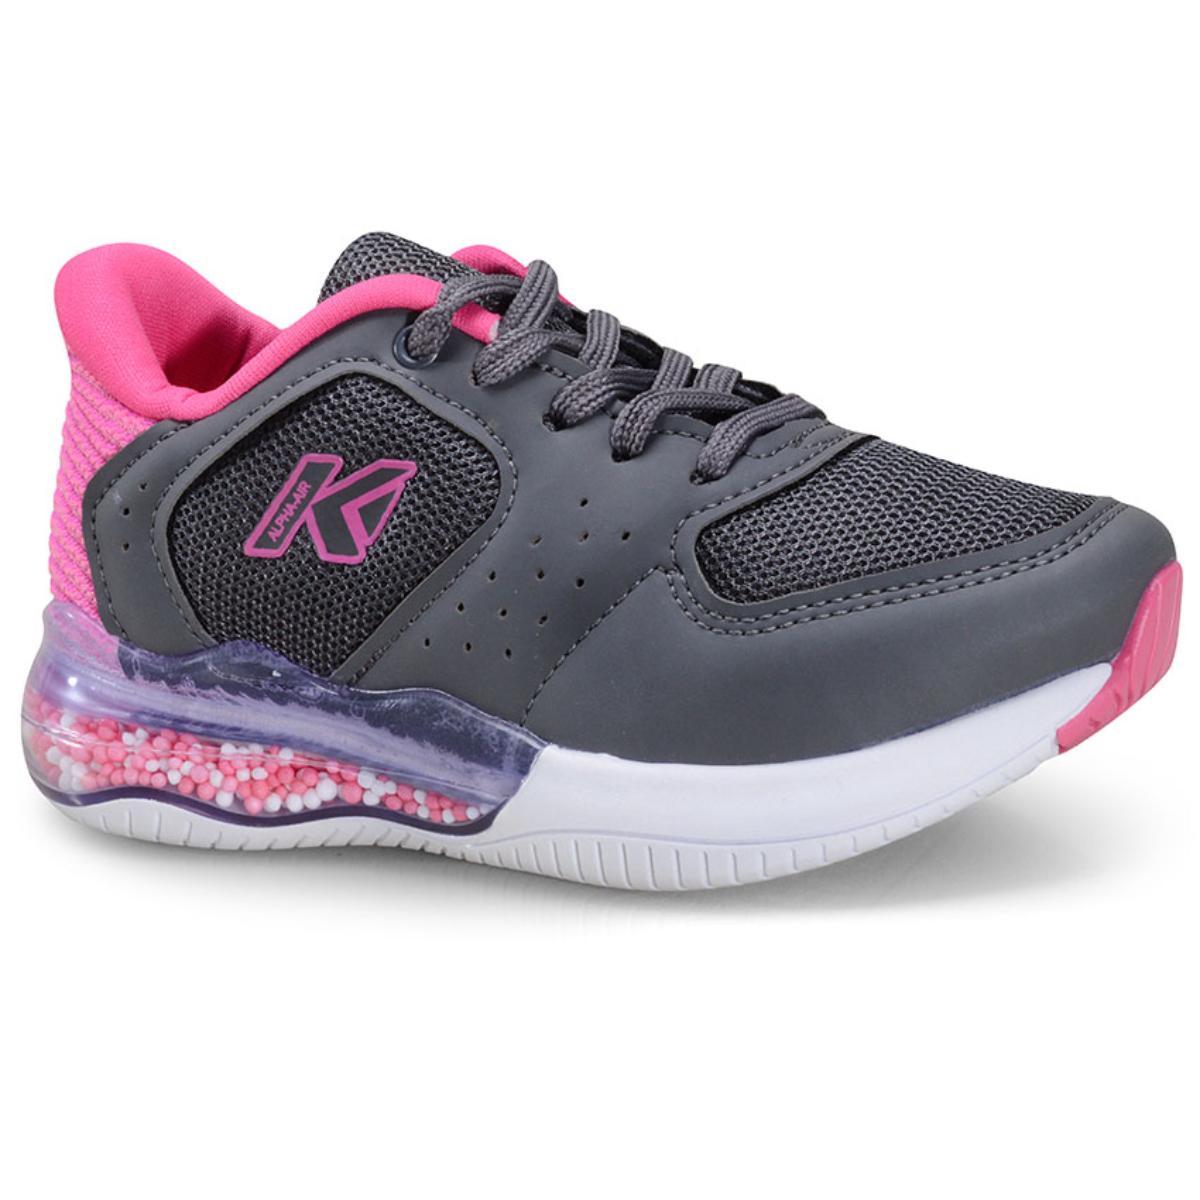 Tênis Fem Infantil Kidy 09110079826 Grafite/pink